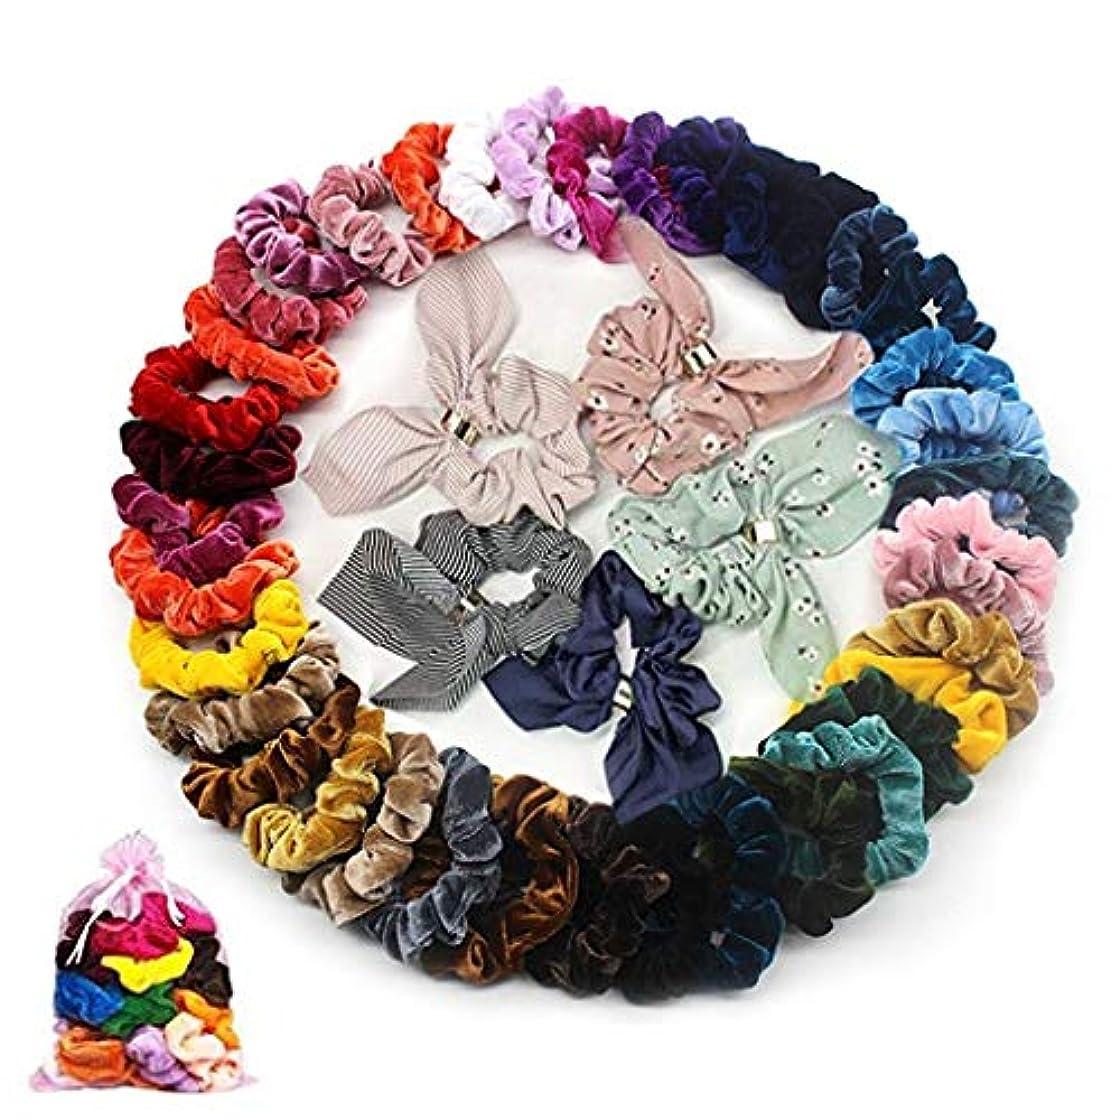 ナサニエル区実用的行商ビロードのヘアライン 50個 女性や女の子のためのベルベット弾性ヘアバンドヘアアクセサリー 明るい色 複数の色 (多色)